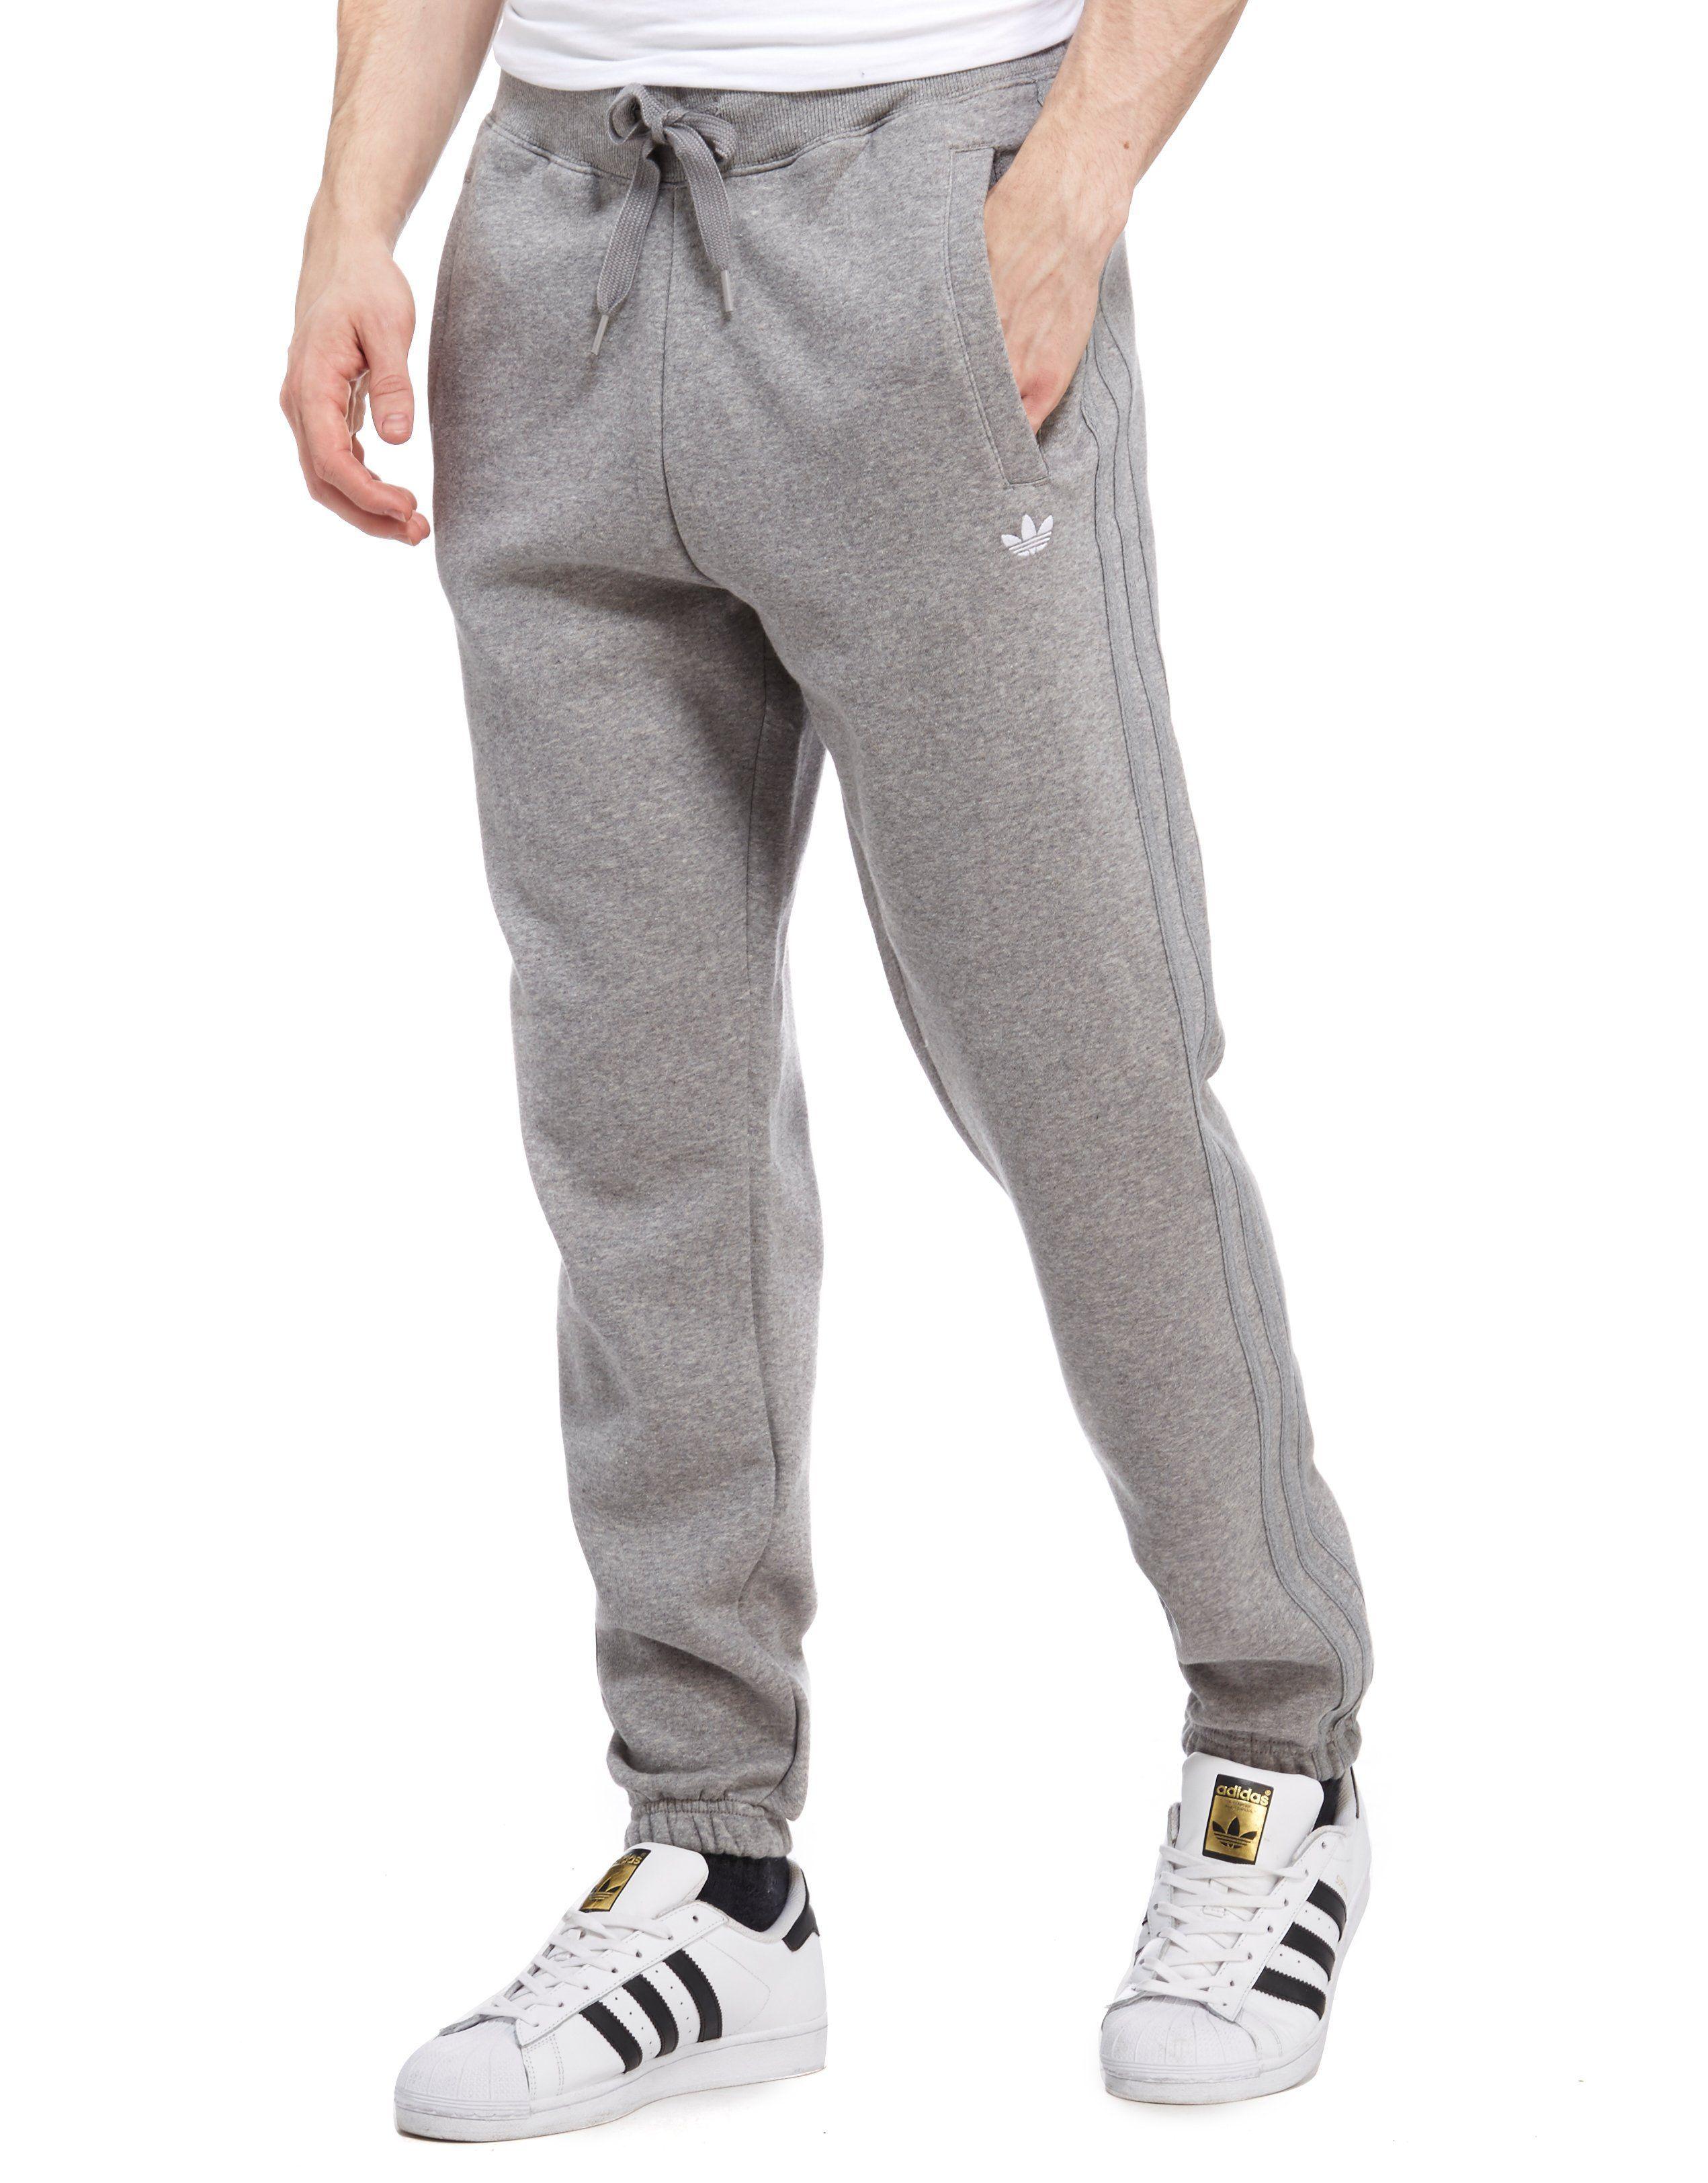 Pantalon de jogging Adidas acheté chez JD Sport